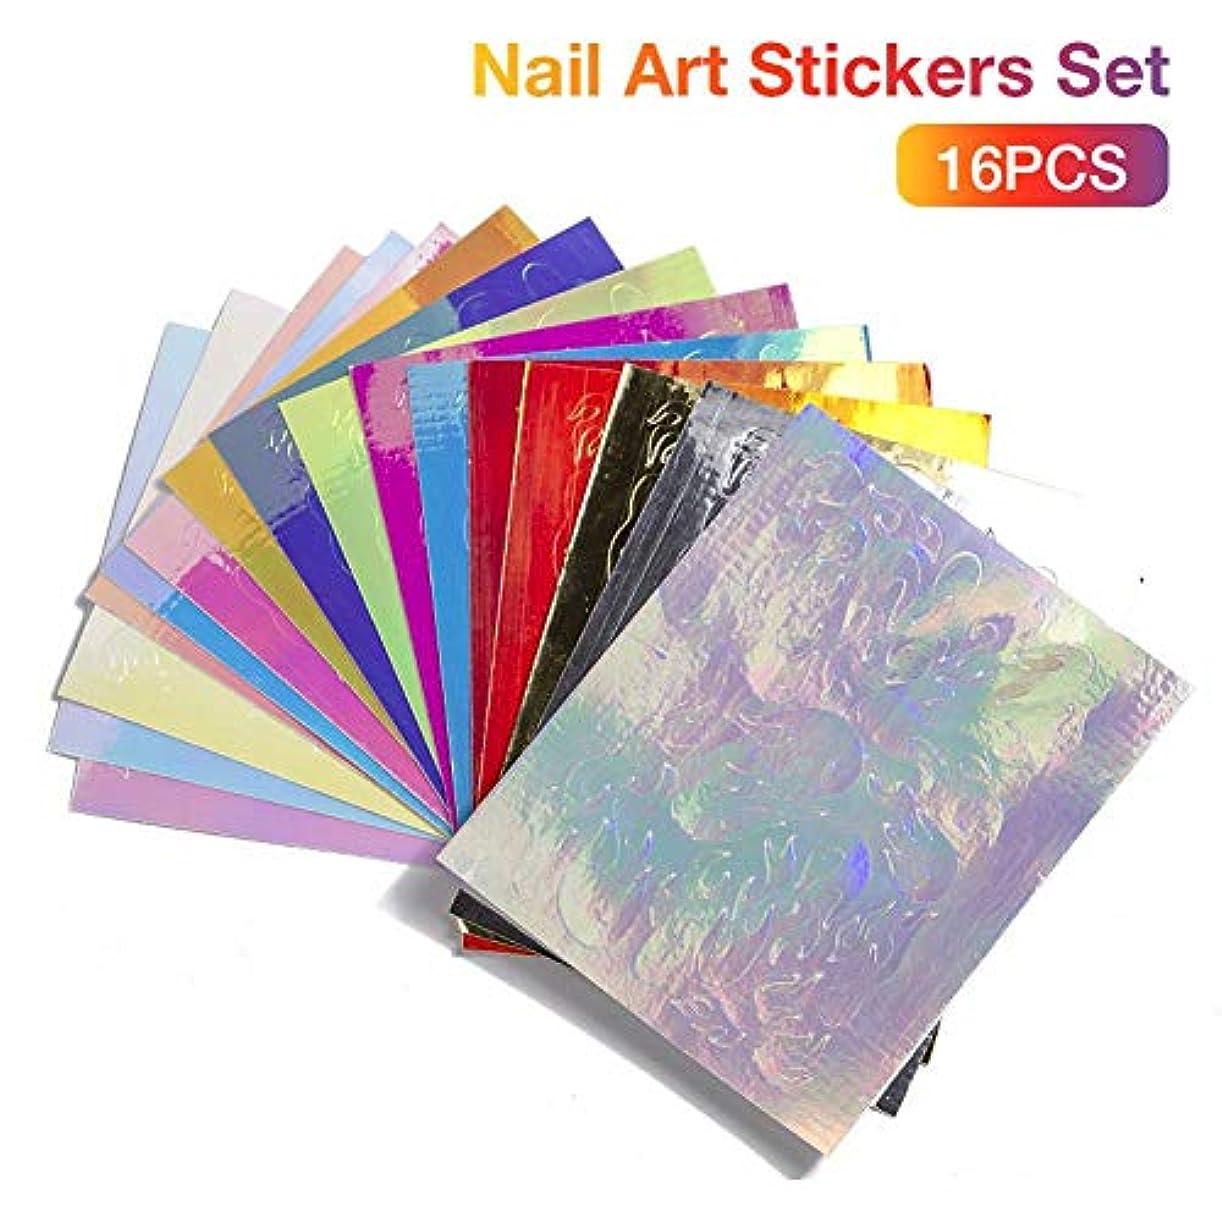 カウボーイ慎重匹敵しますLUHUN 16PCS Nail Art Stickers Set Colorful Sequin Stickers Nail Stickers And Decals Nail Art Stickers For Womenfor...